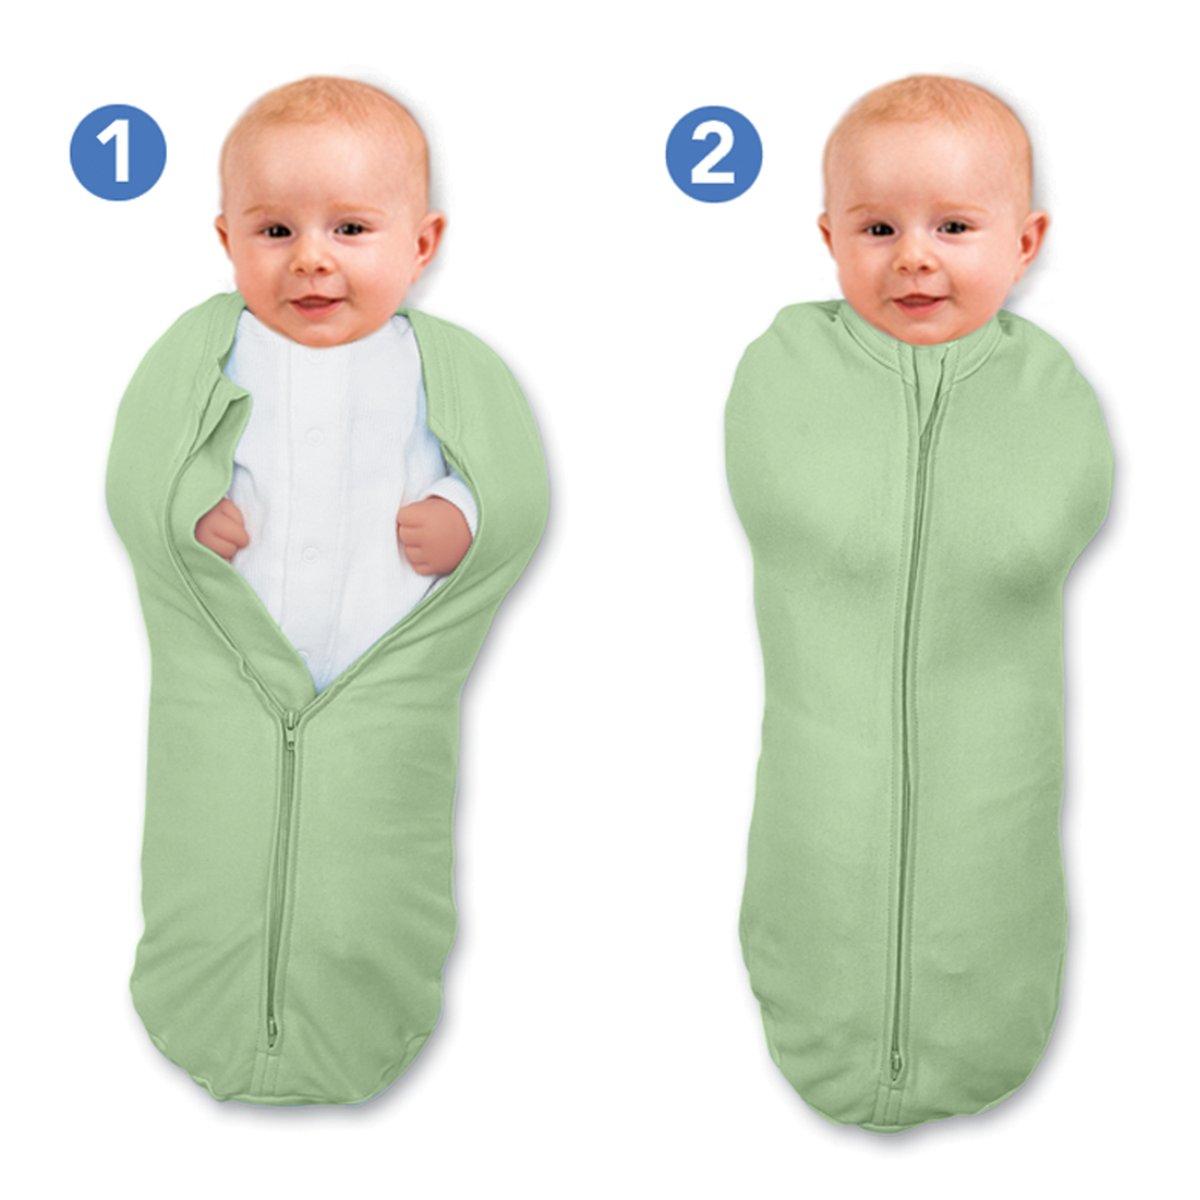 Выкройка теплого мешка для новорожденных фото 881